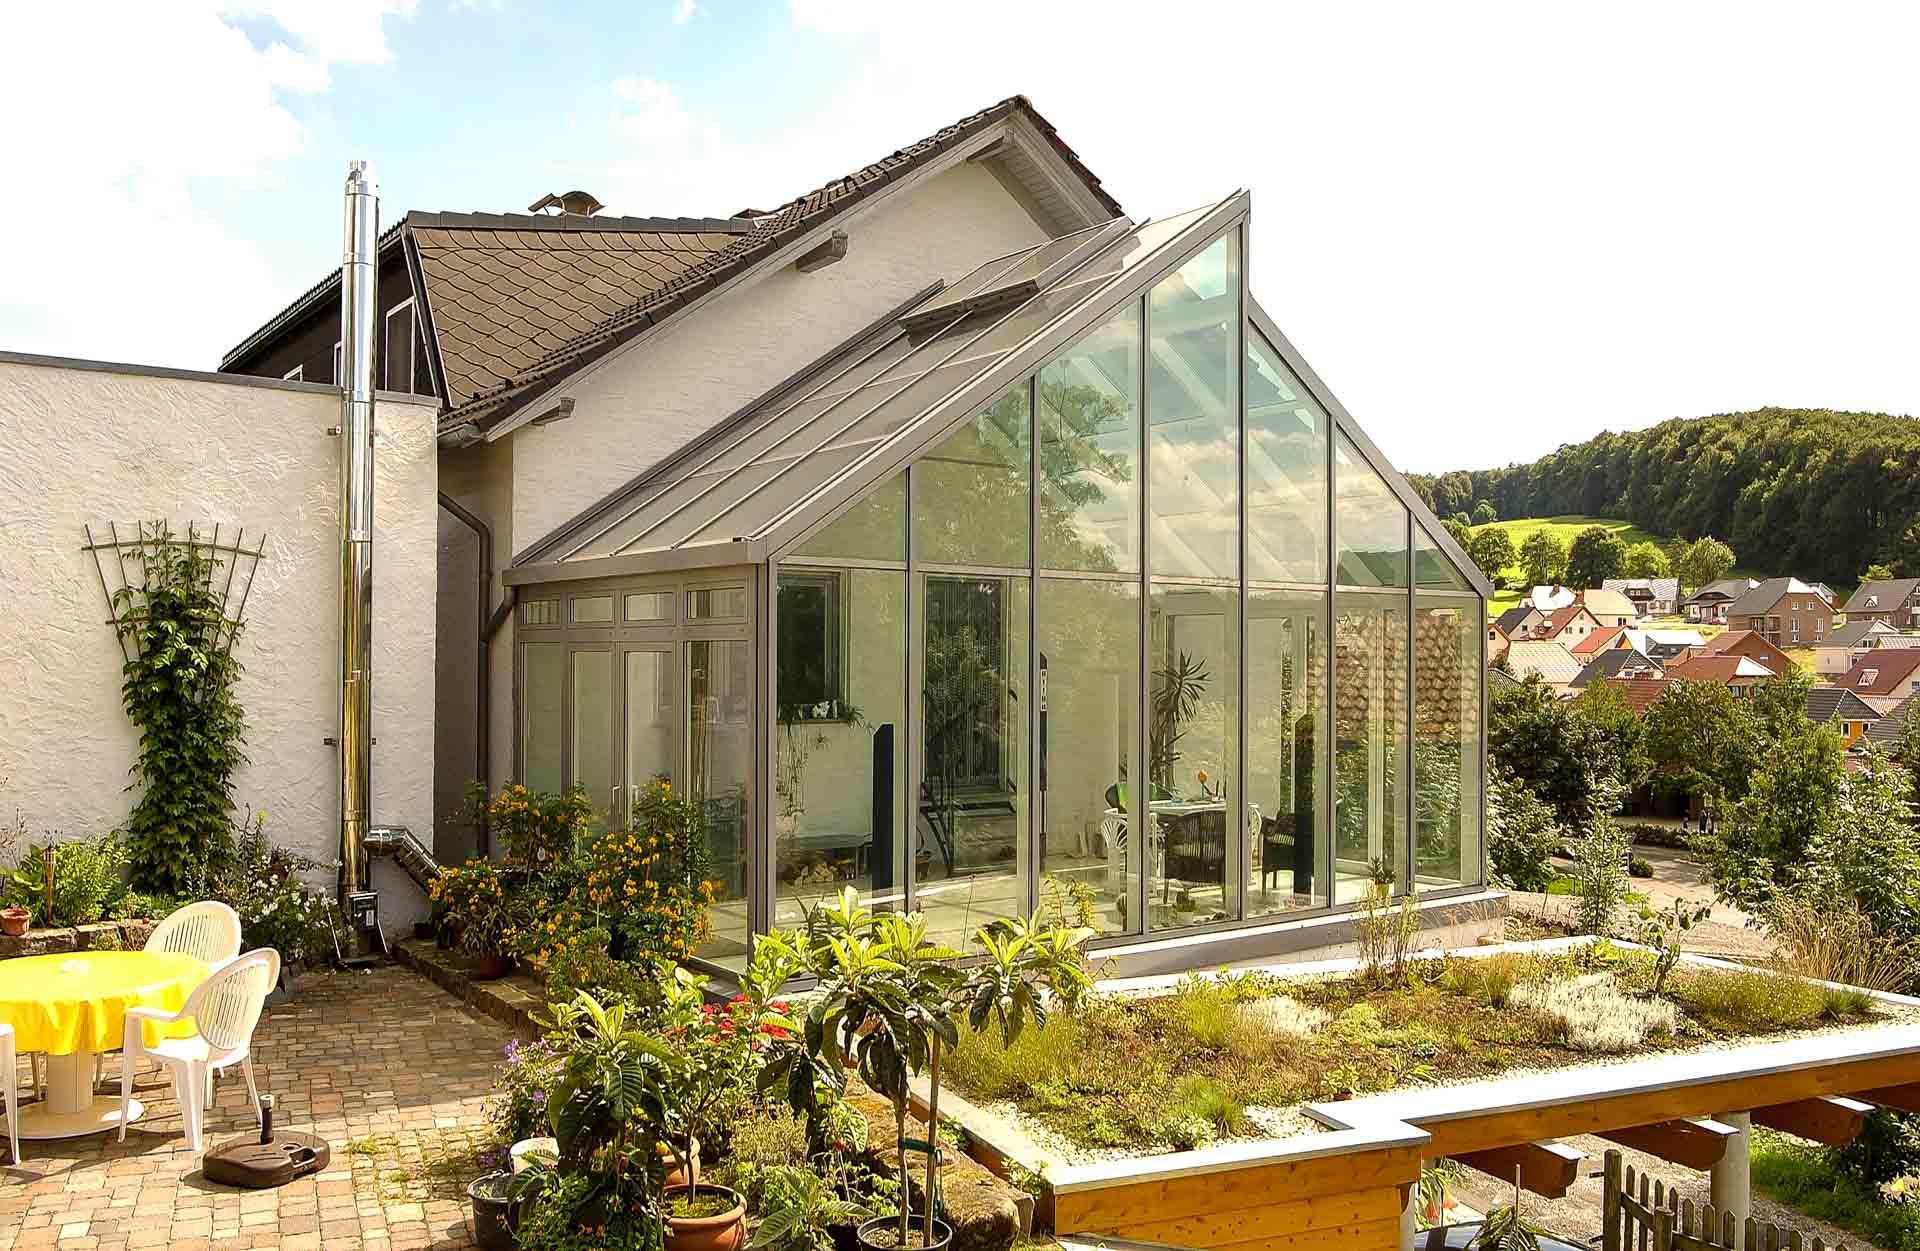 FineArt Wintergarten in Bad Driburg (Objekt 869). Hervorragend angepasst und dennoch eigenwillig - das moderne Glas-Sheddach